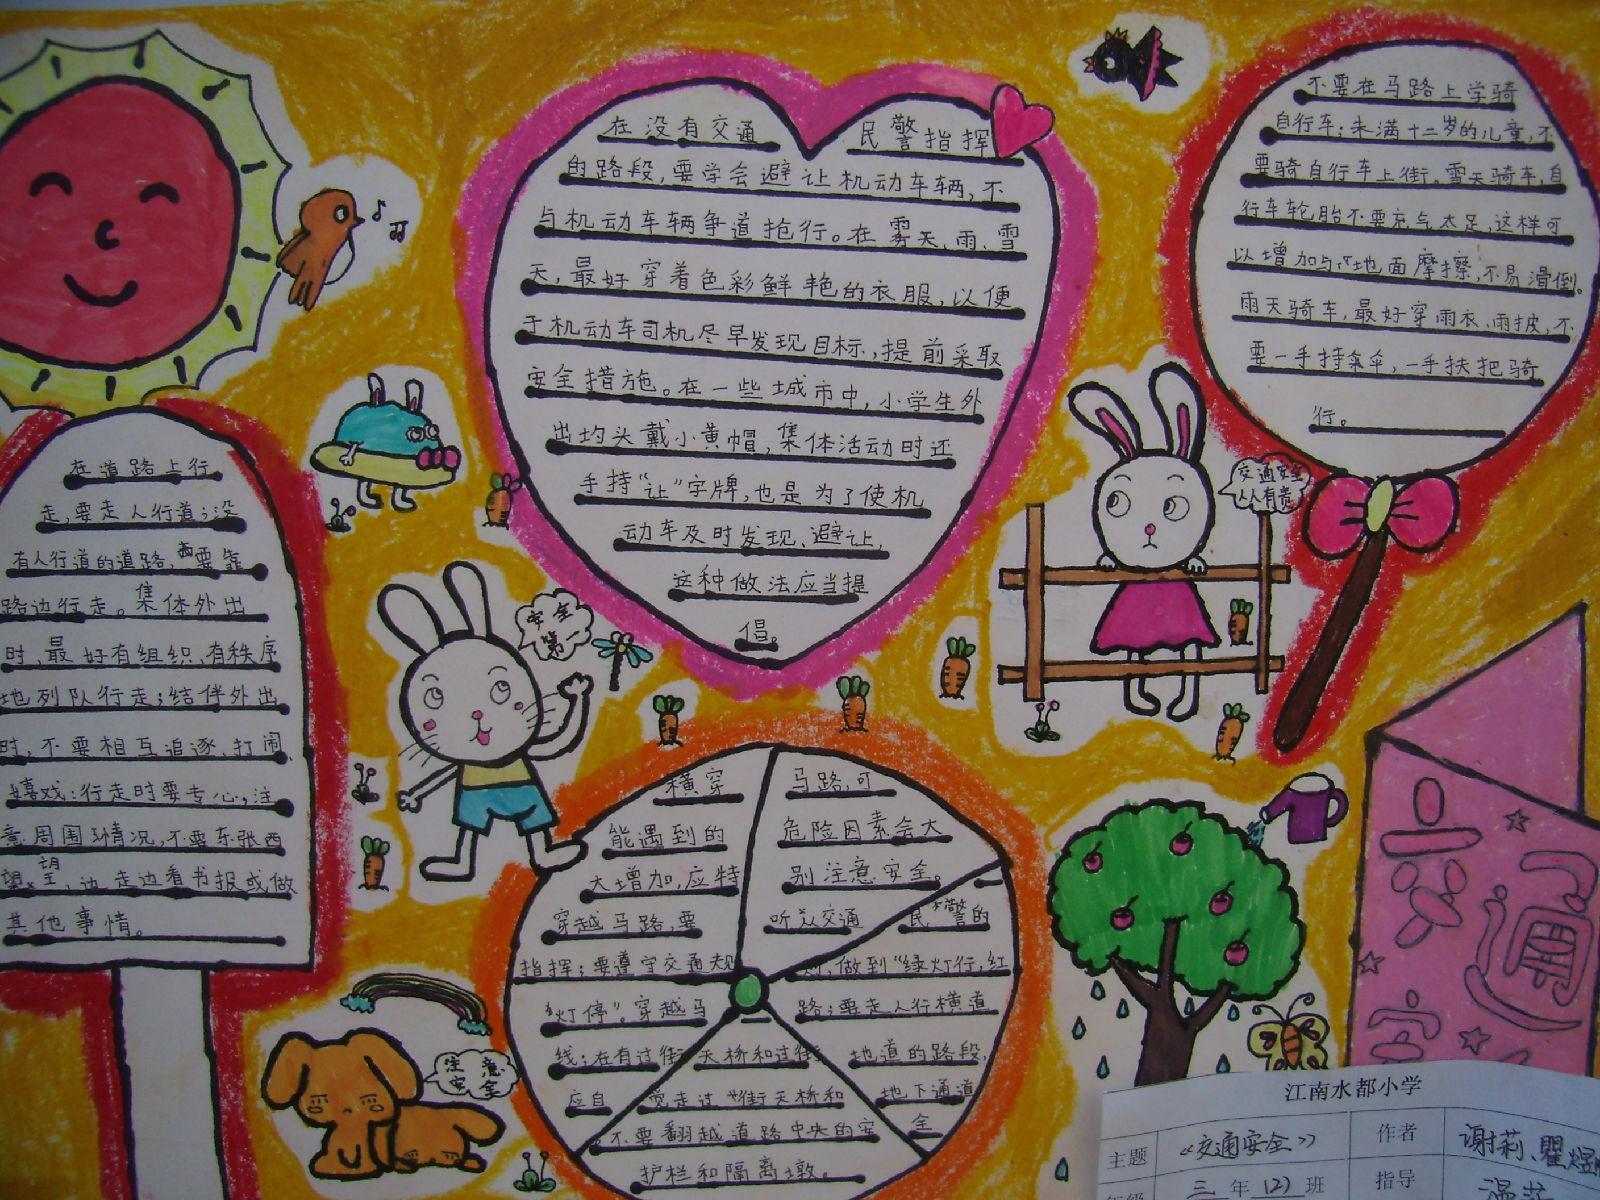 5068儿童网  书香校园手抄报内容,书香校园手抄报资料,关于书香校园的